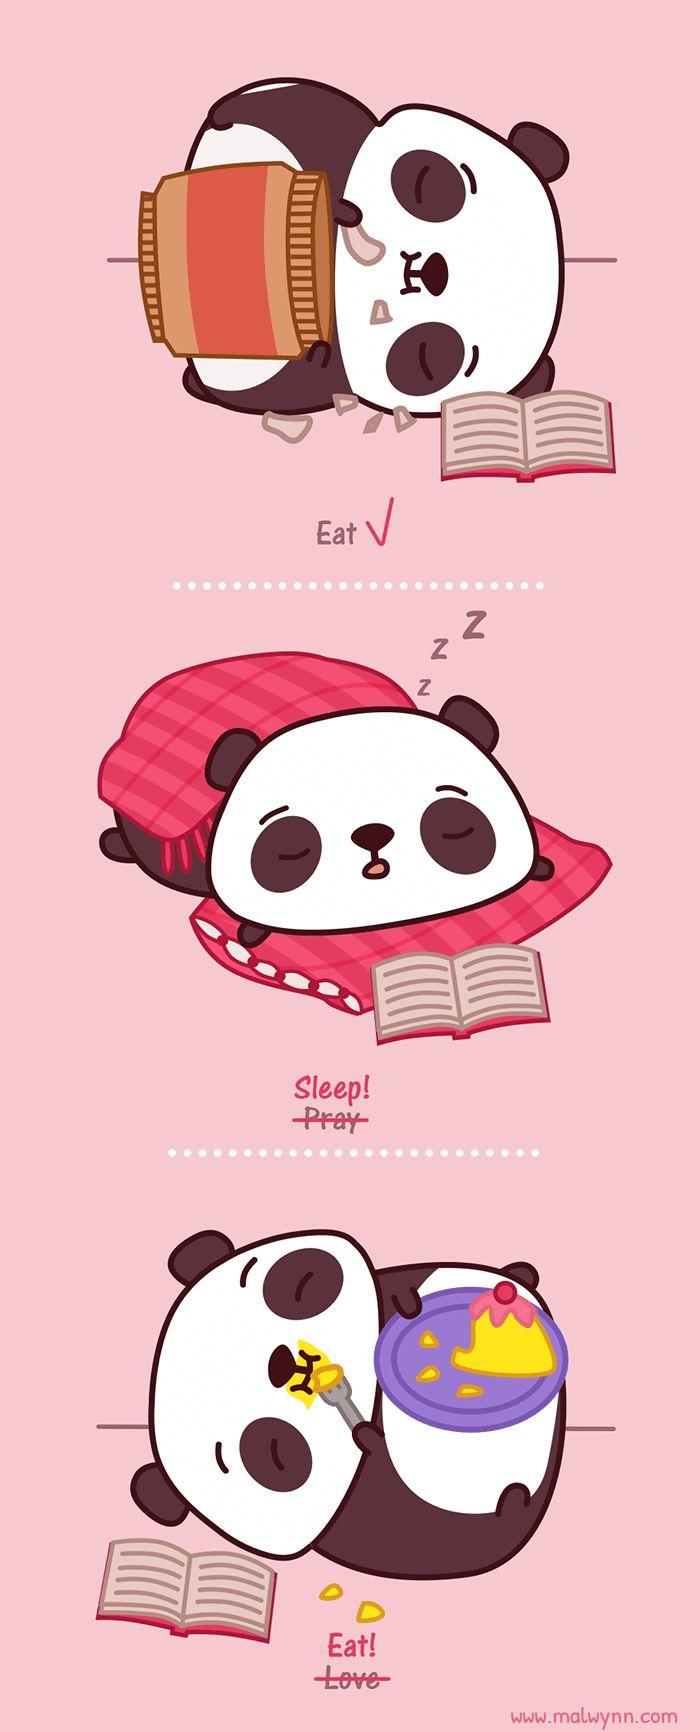 Eat, Sleep, Eat